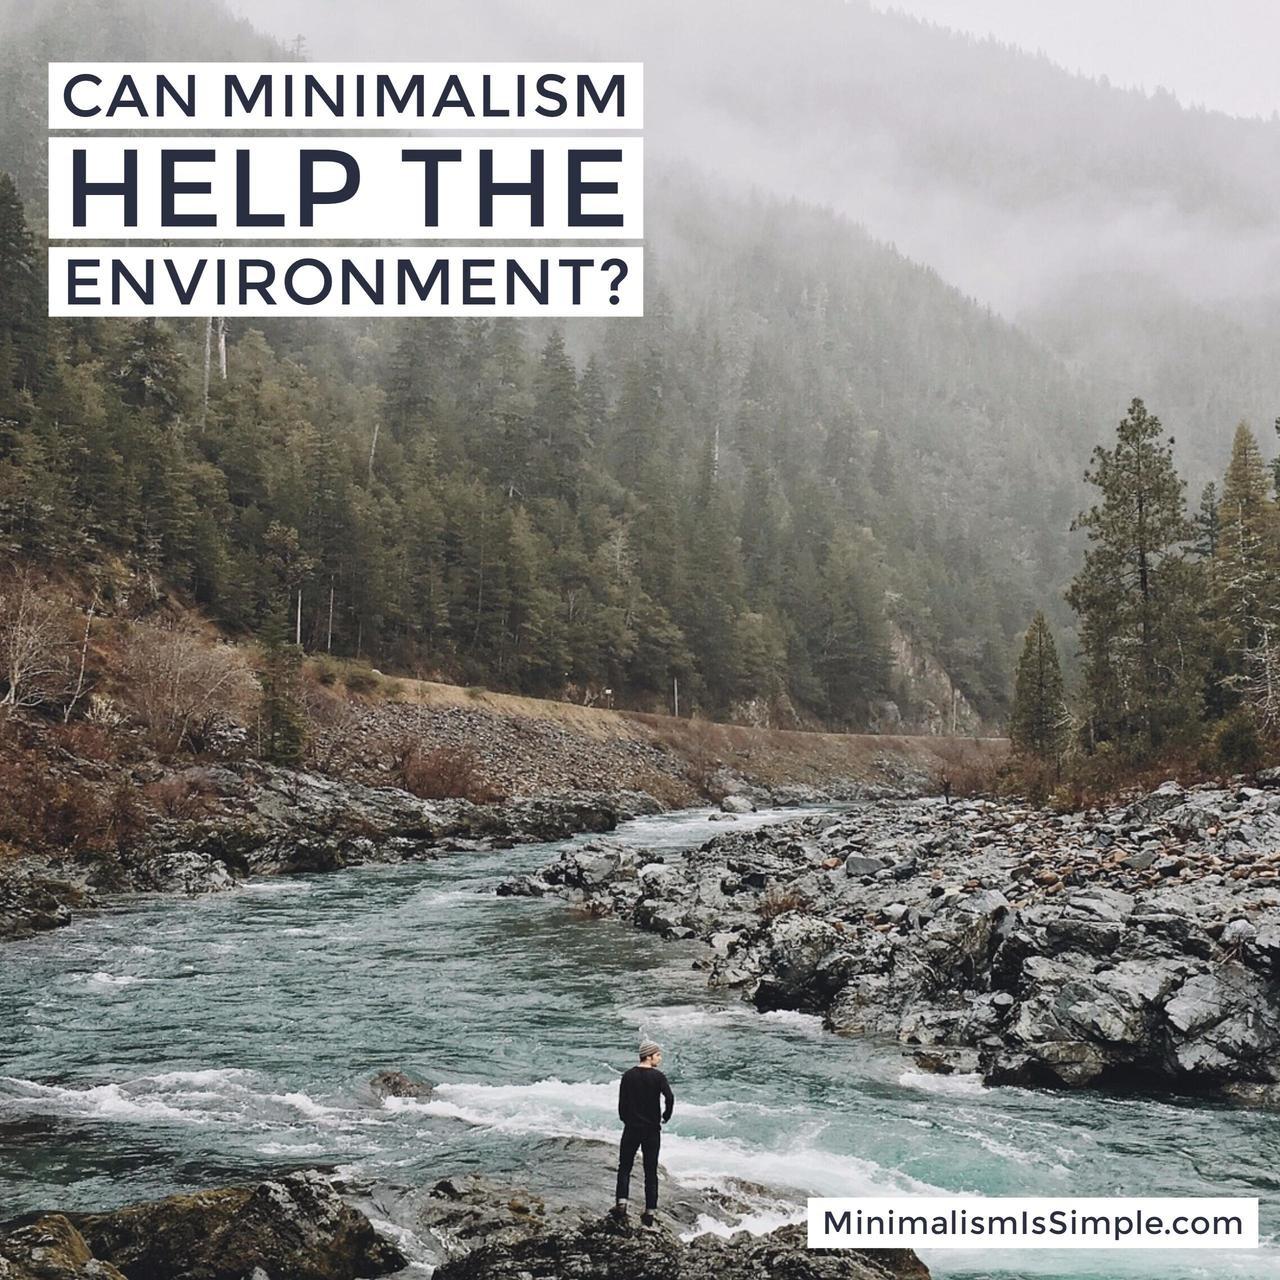 minimalism help environment minimalismissimple.com